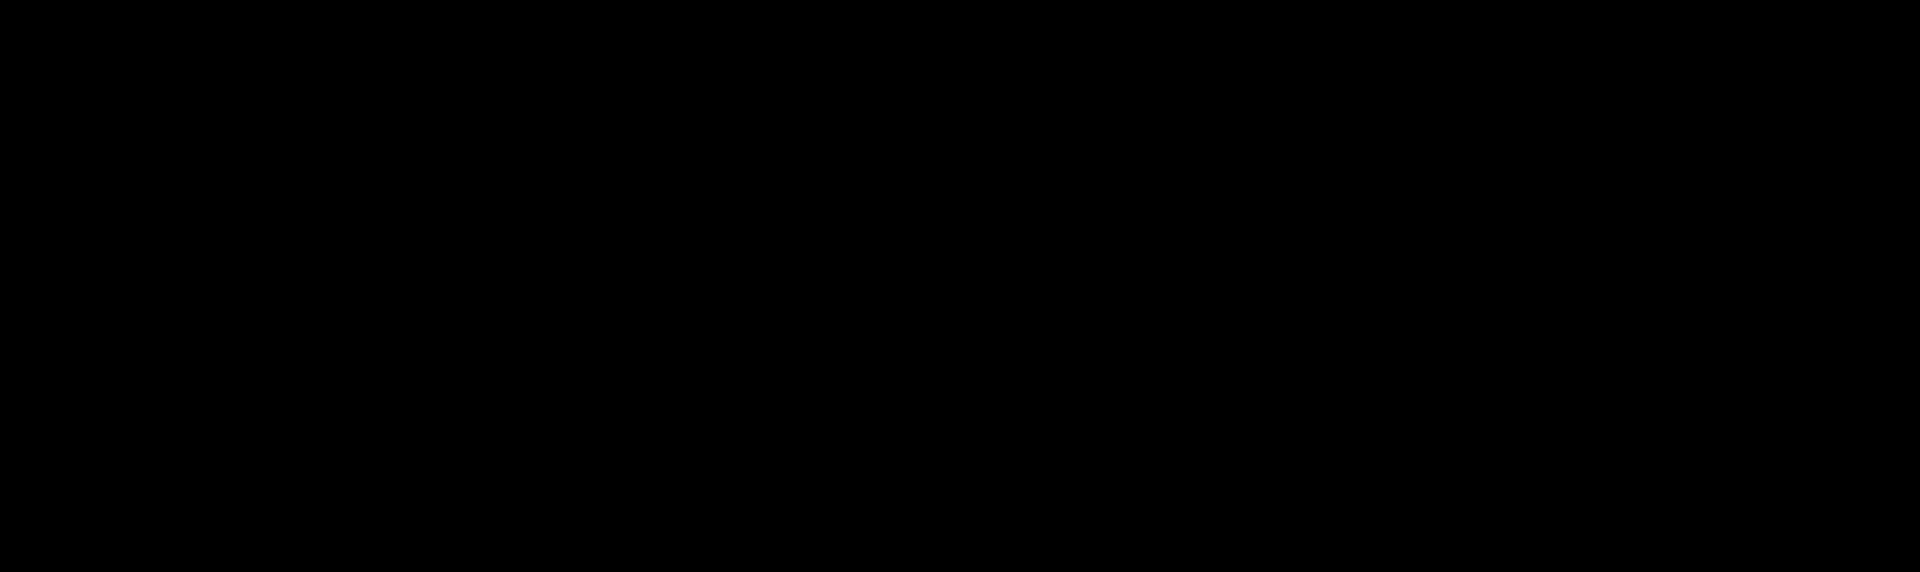 SS - Horizontal - BT,TBG - 36x14.png